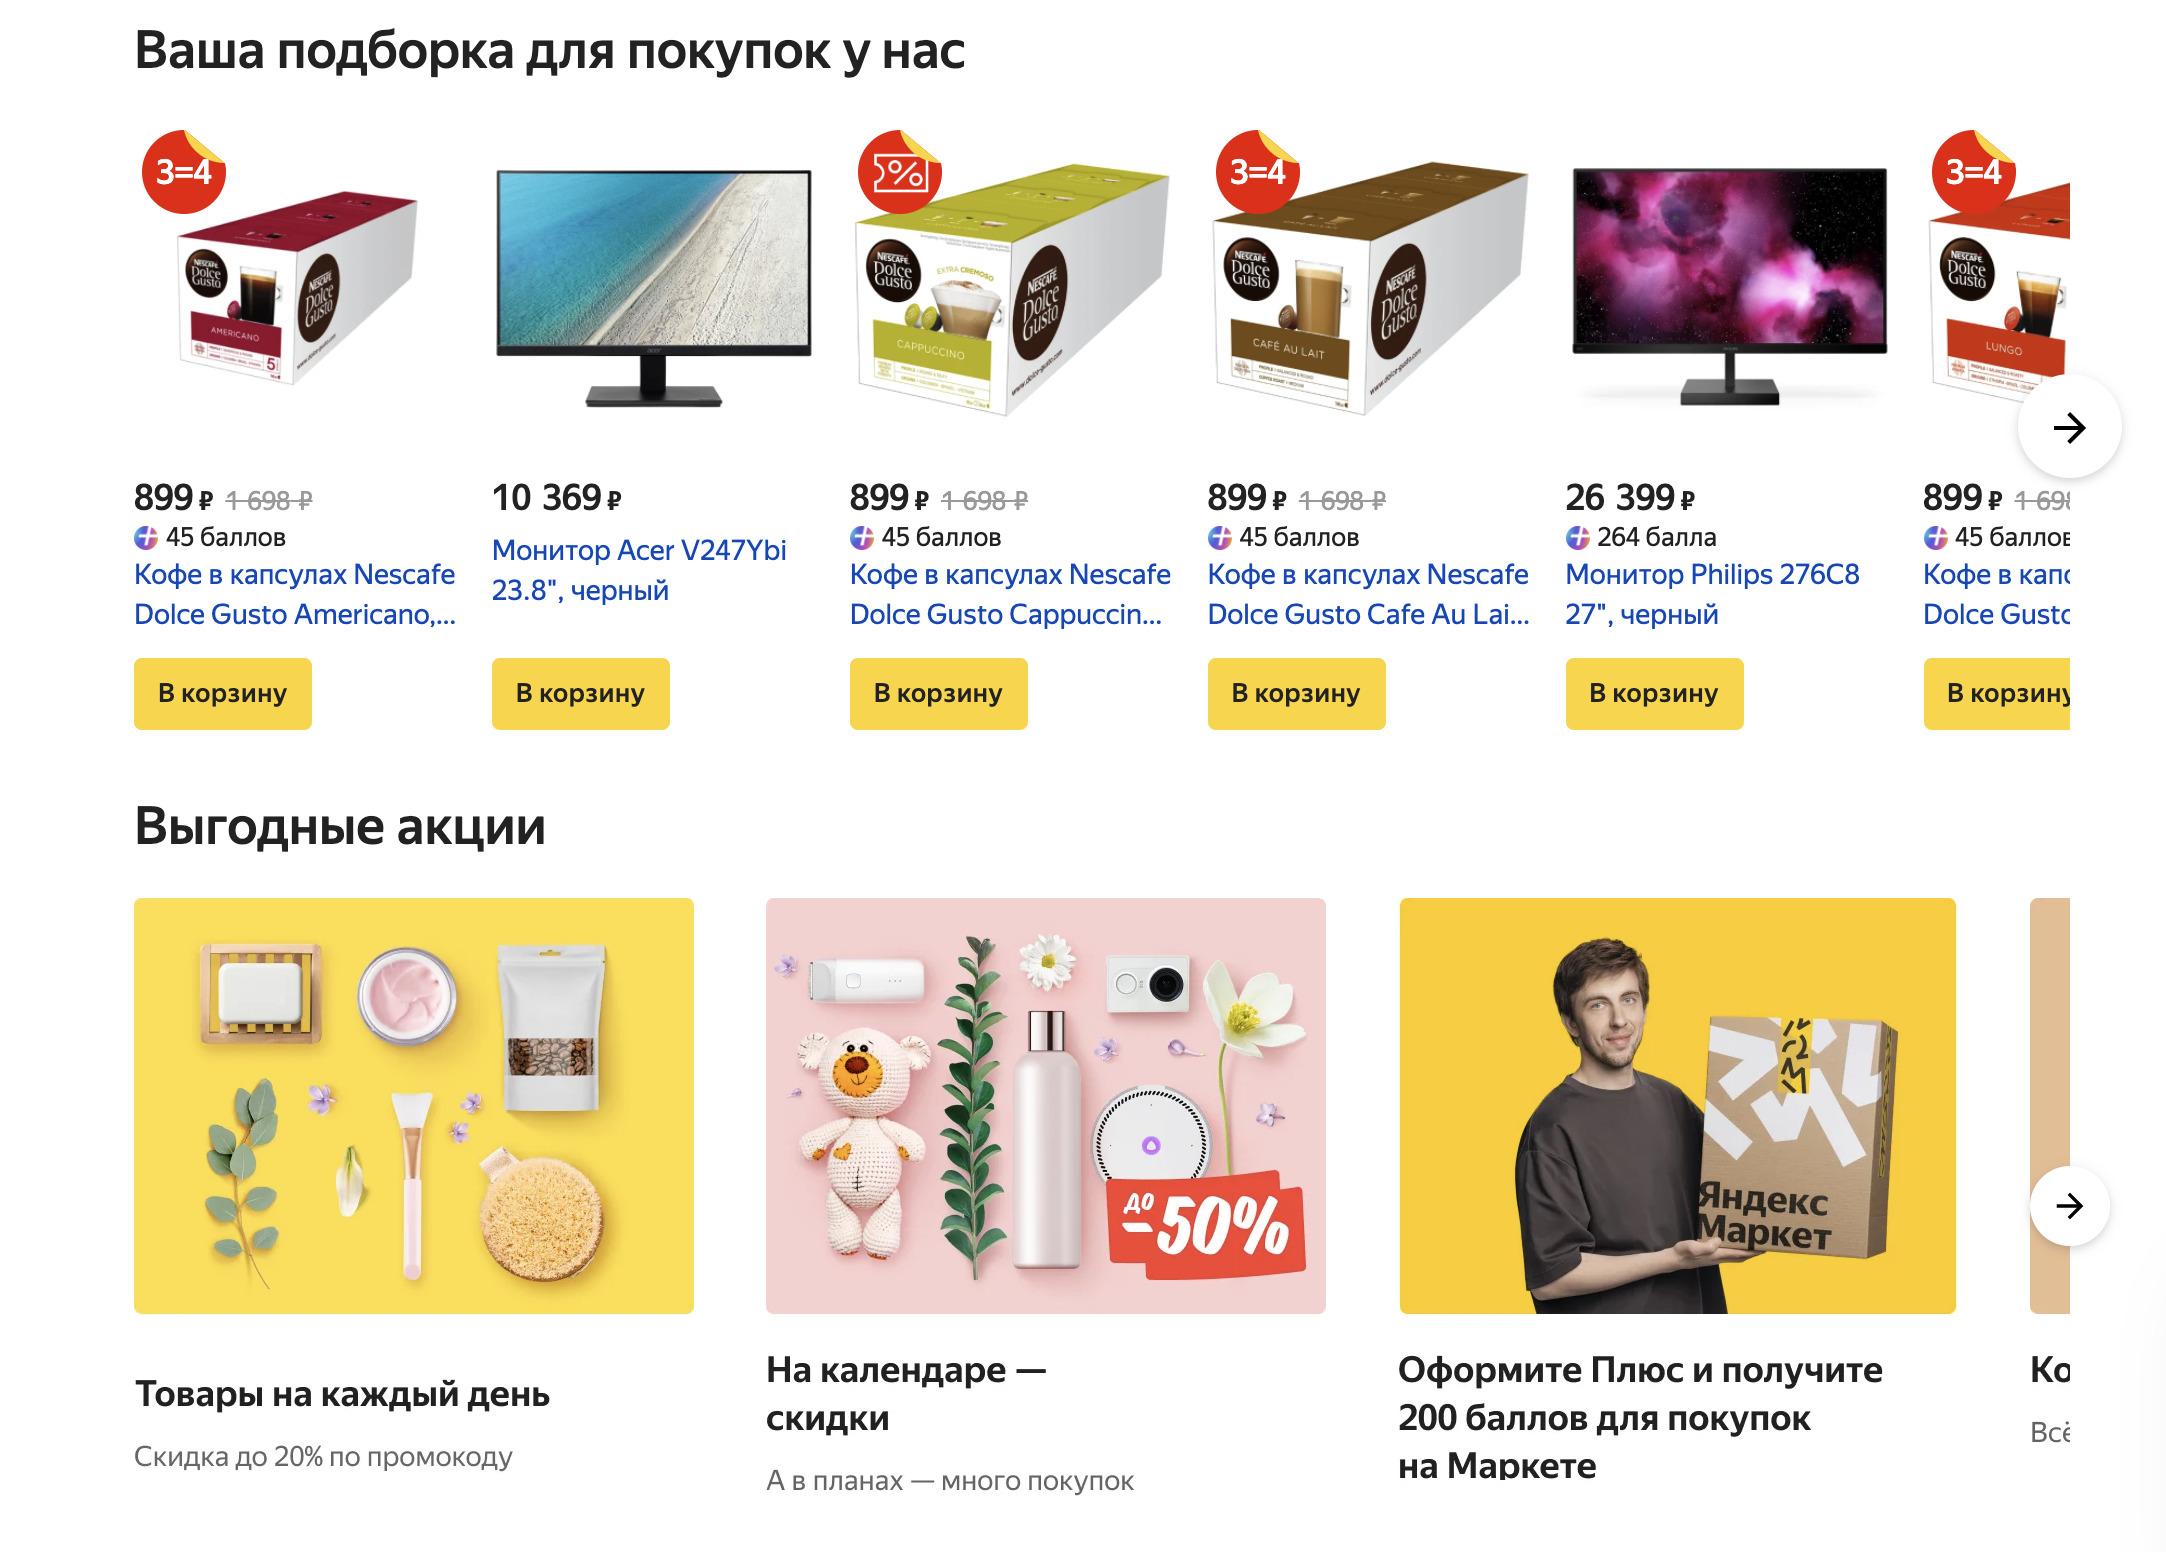 Доставка из Яндекс.Маркет в Балашиха, сроки, пункты выдачи, каталог